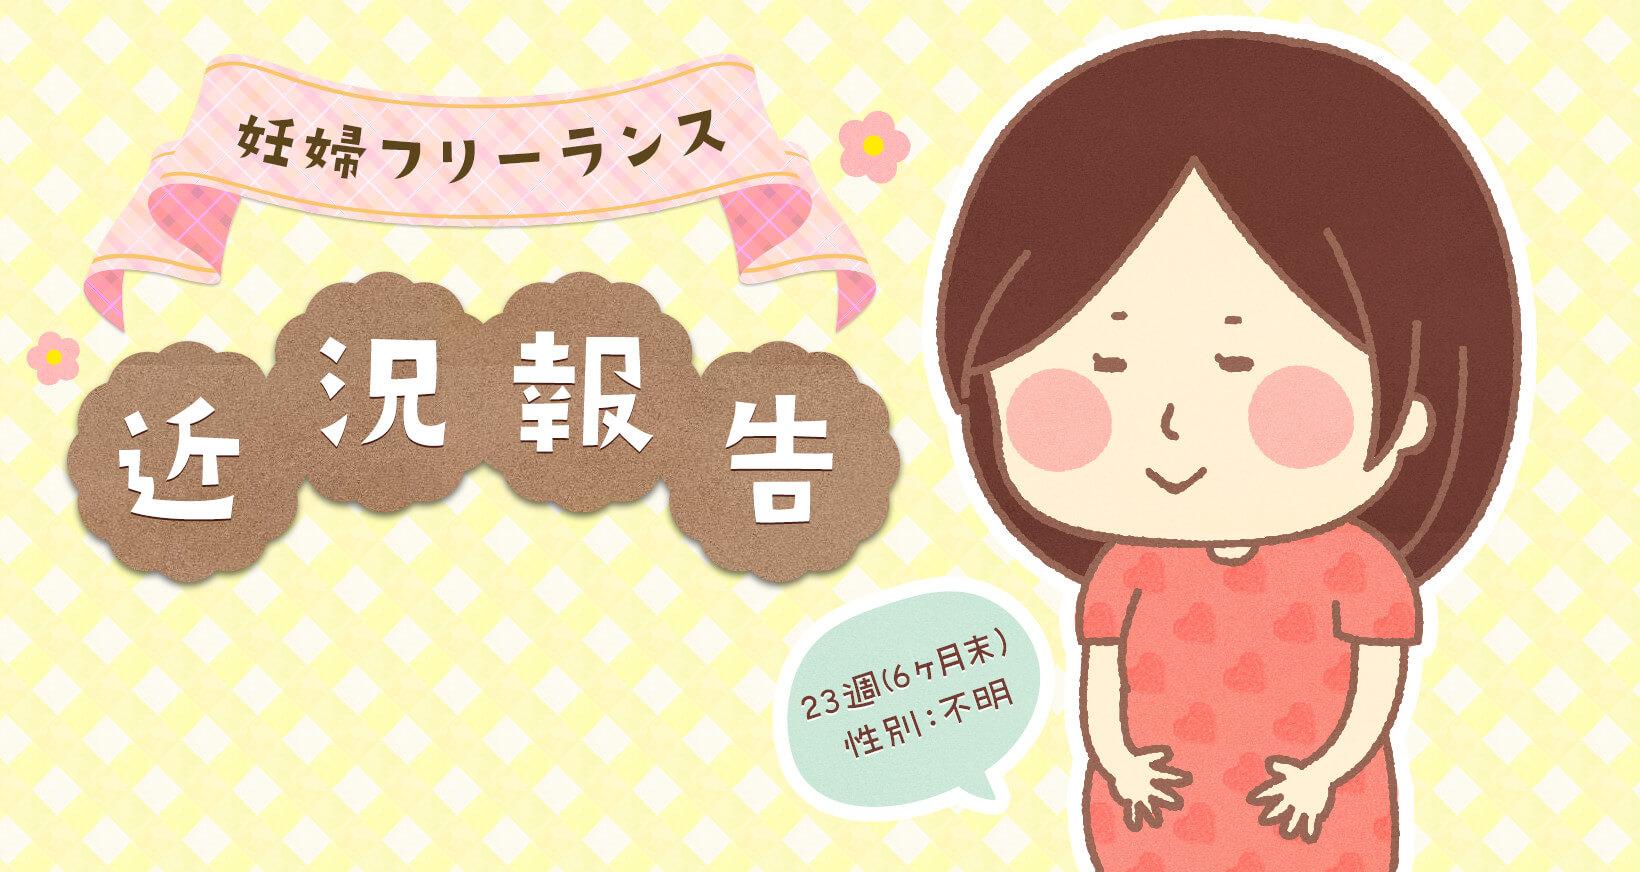 妊婦フリーランス 仕事 妊娠中期 保険